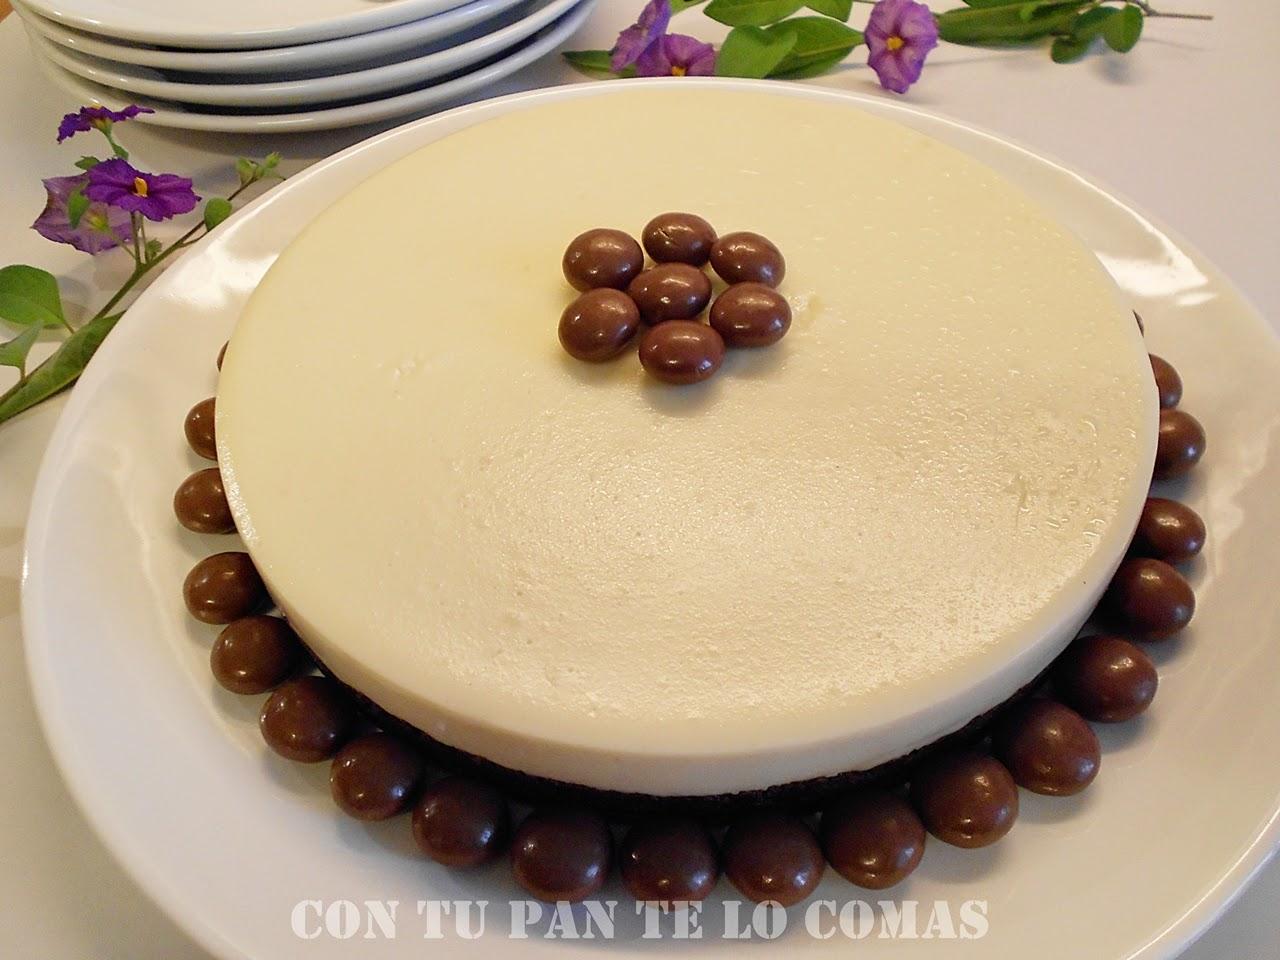 Con tu pan te lo comas tarta de chocolate blanco - Postres originales y faciles de hacer ...